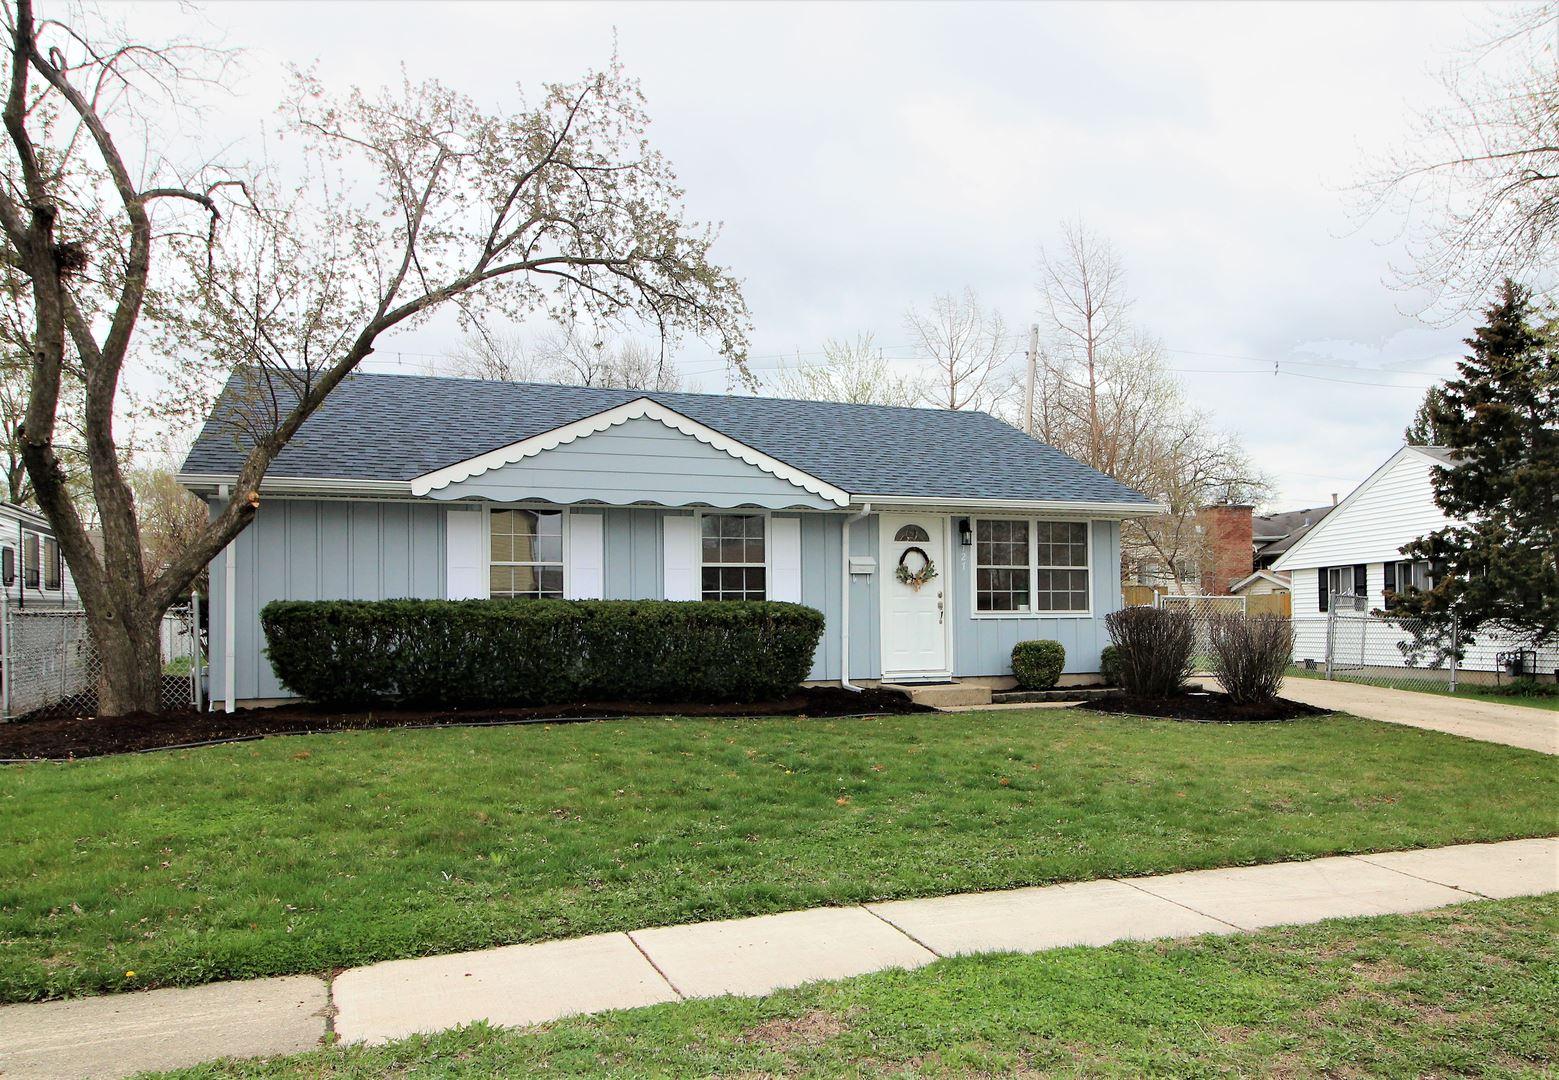 Photo of 727 Geneva Avenue, Romeoville, IL 60446 (MLS # 11049243)